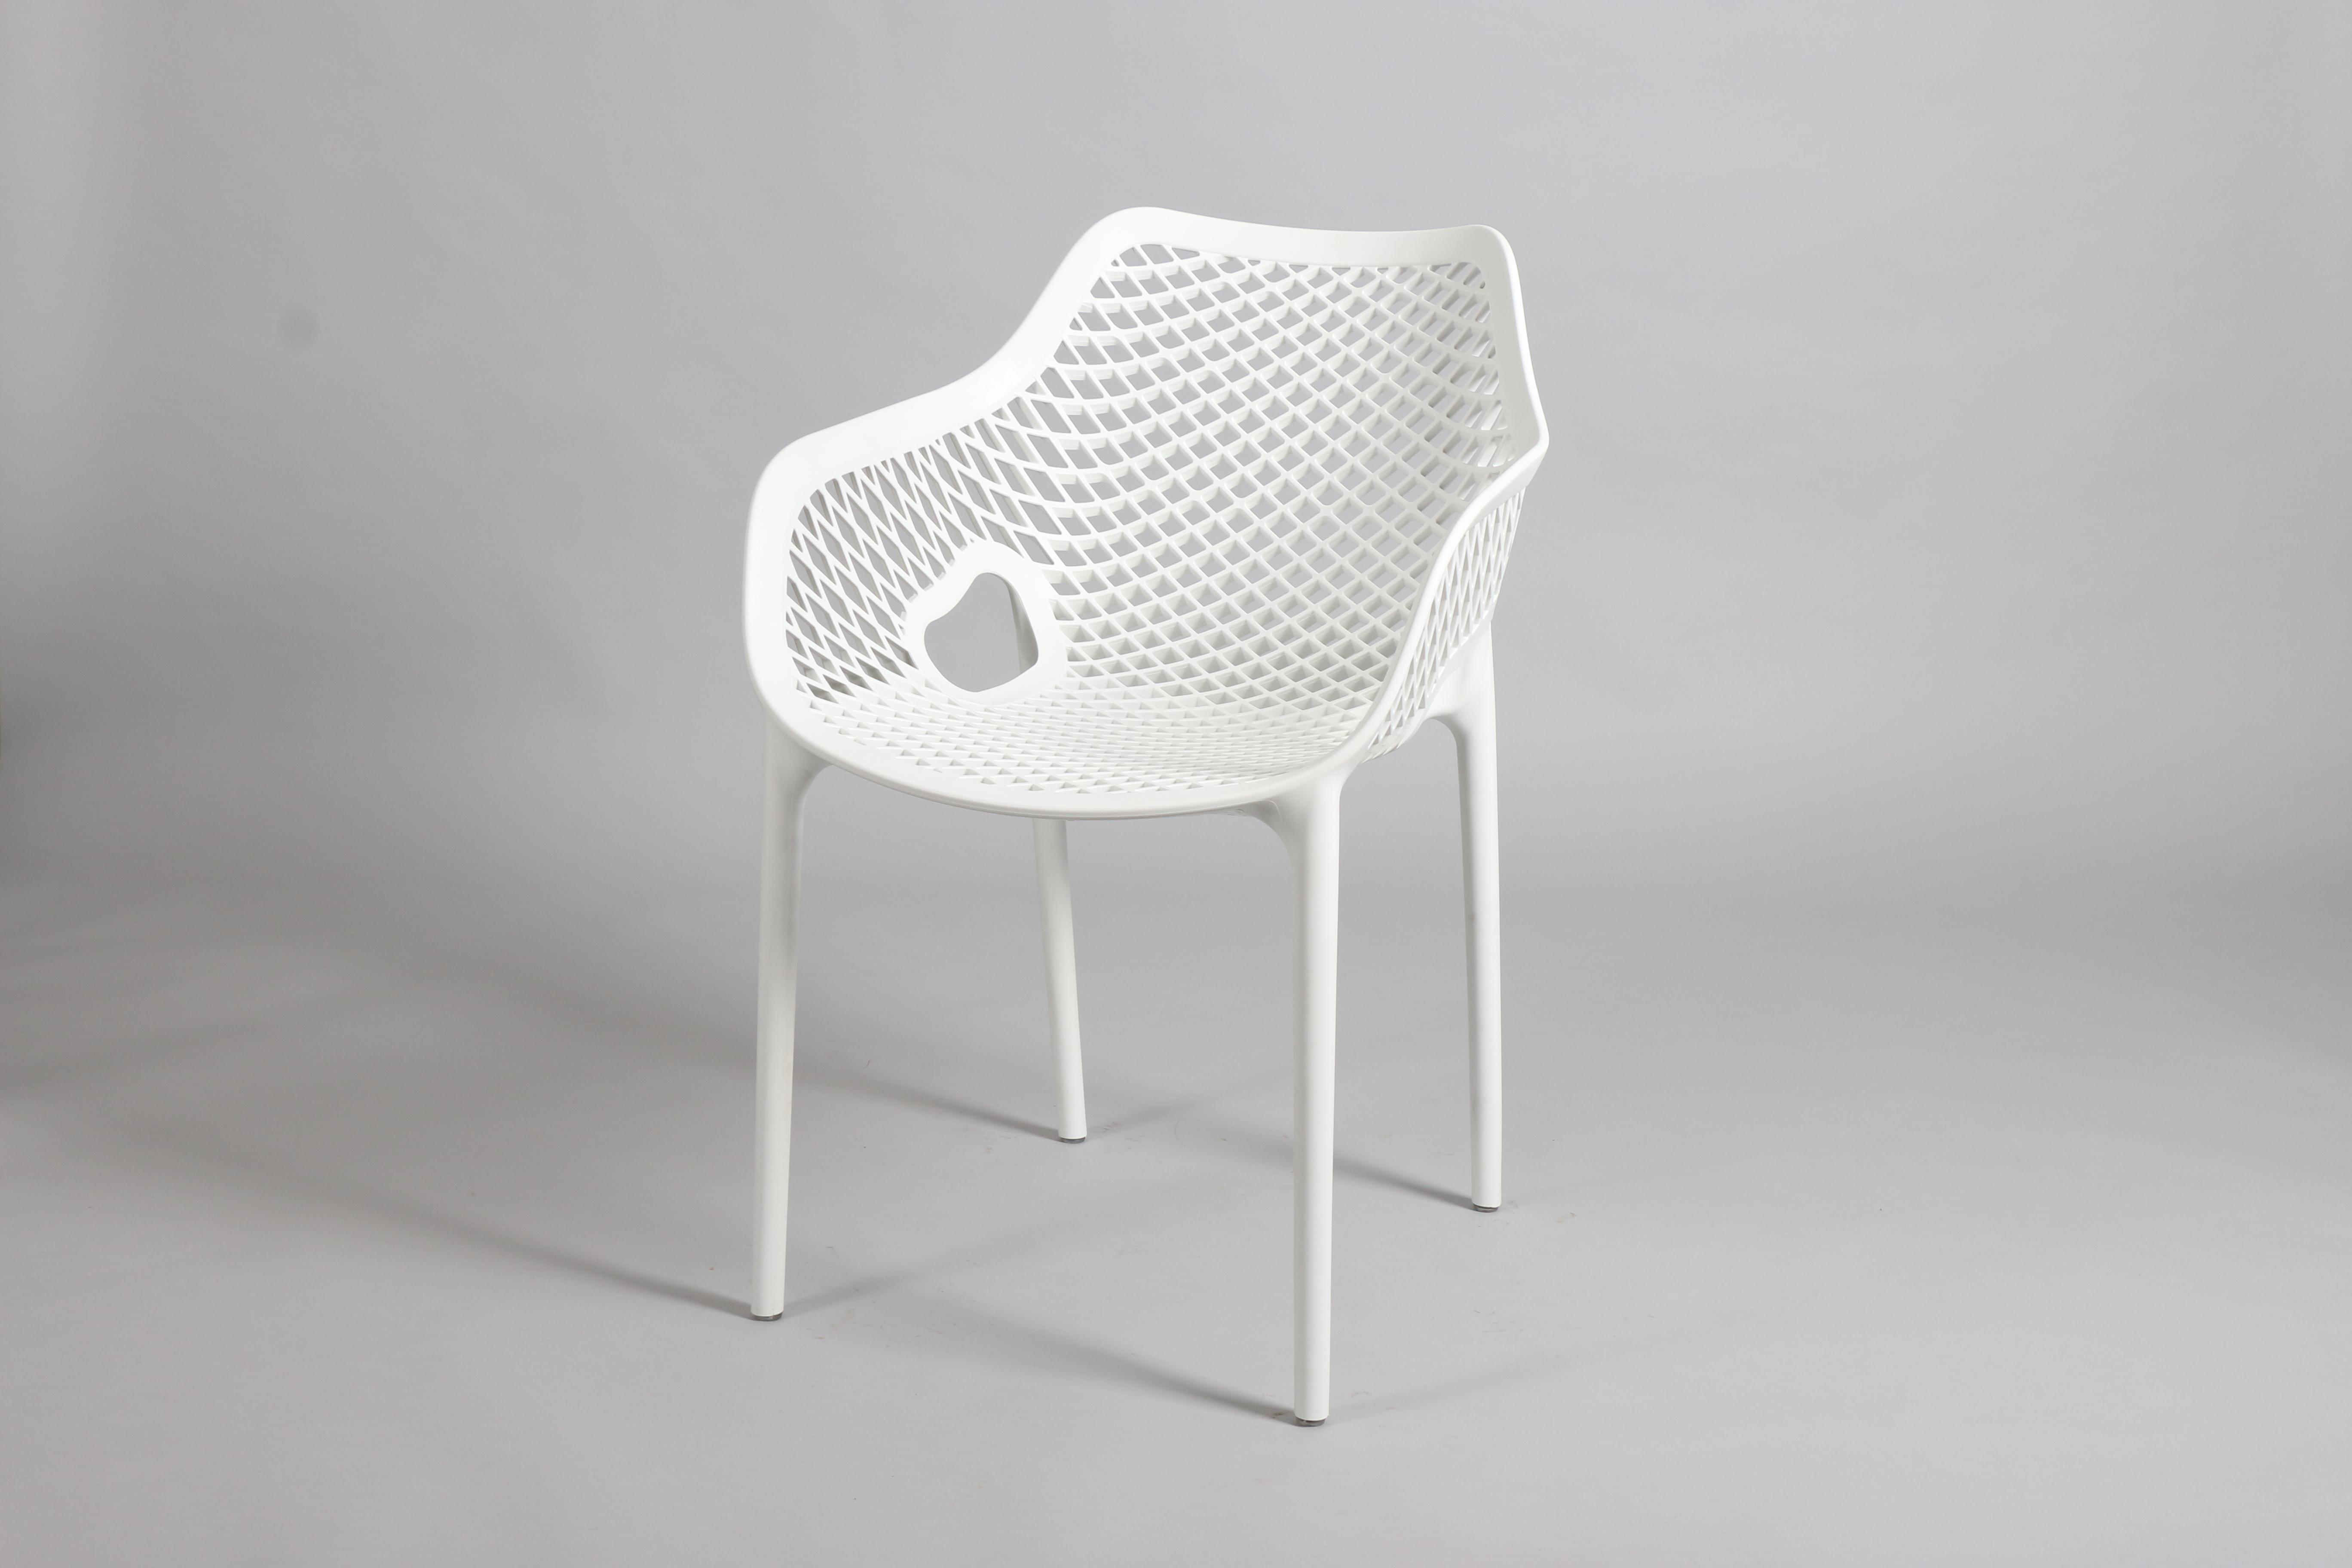 бял стол градински от полипропилен,пластмаса